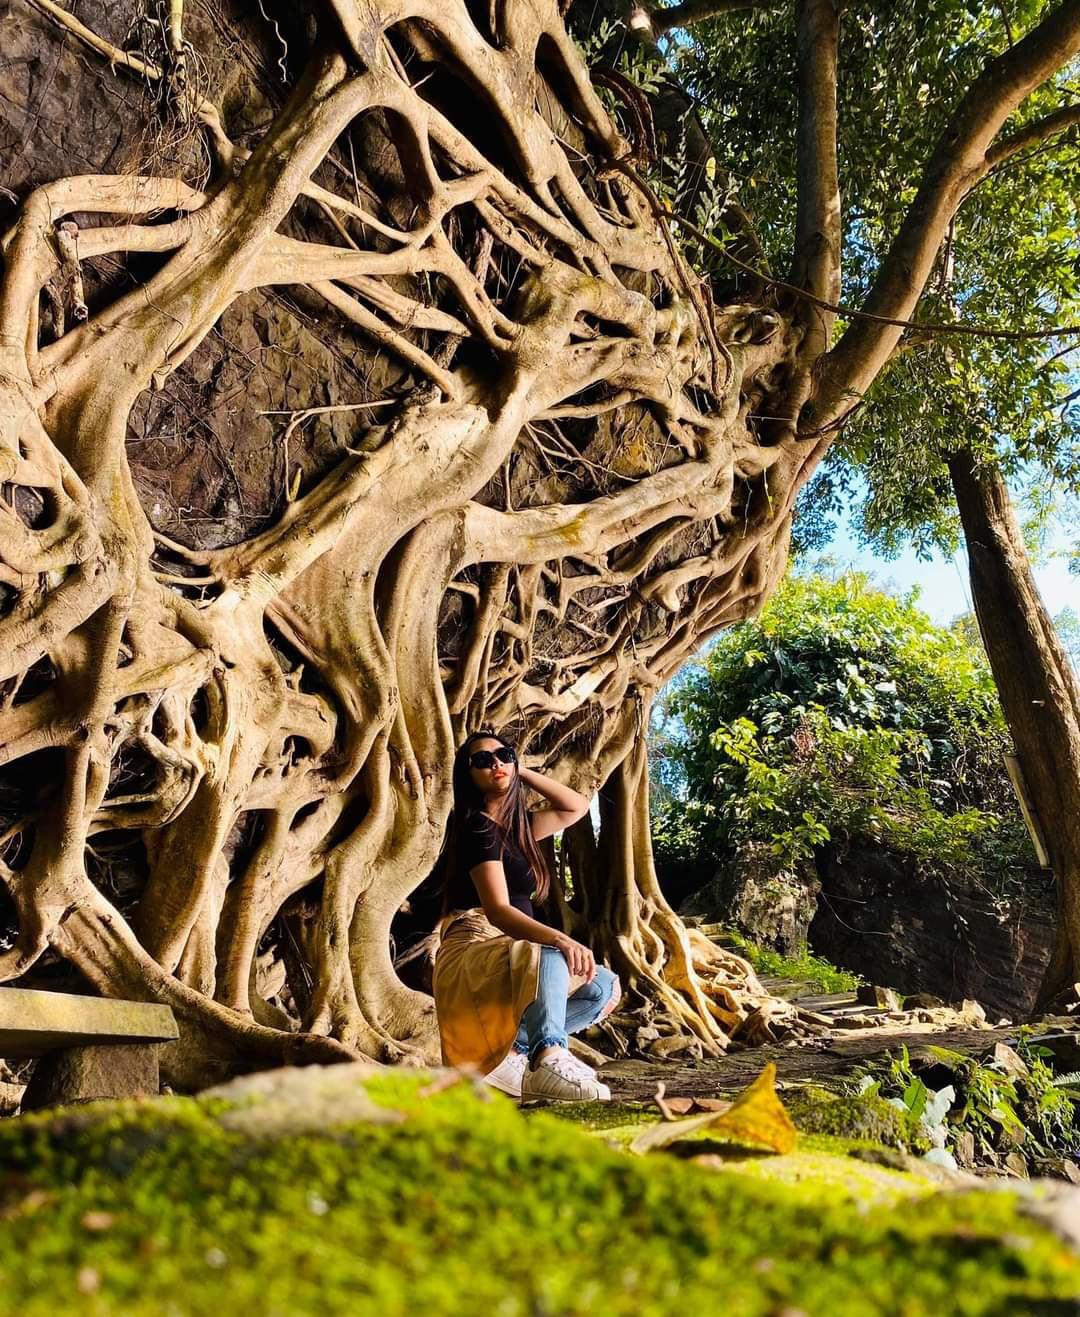 """Cây si cổ thụ có bộ rễ """"khủng"""" hút du khách tới chụp ảnh ở Đắk Lắk - Ảnh 4."""